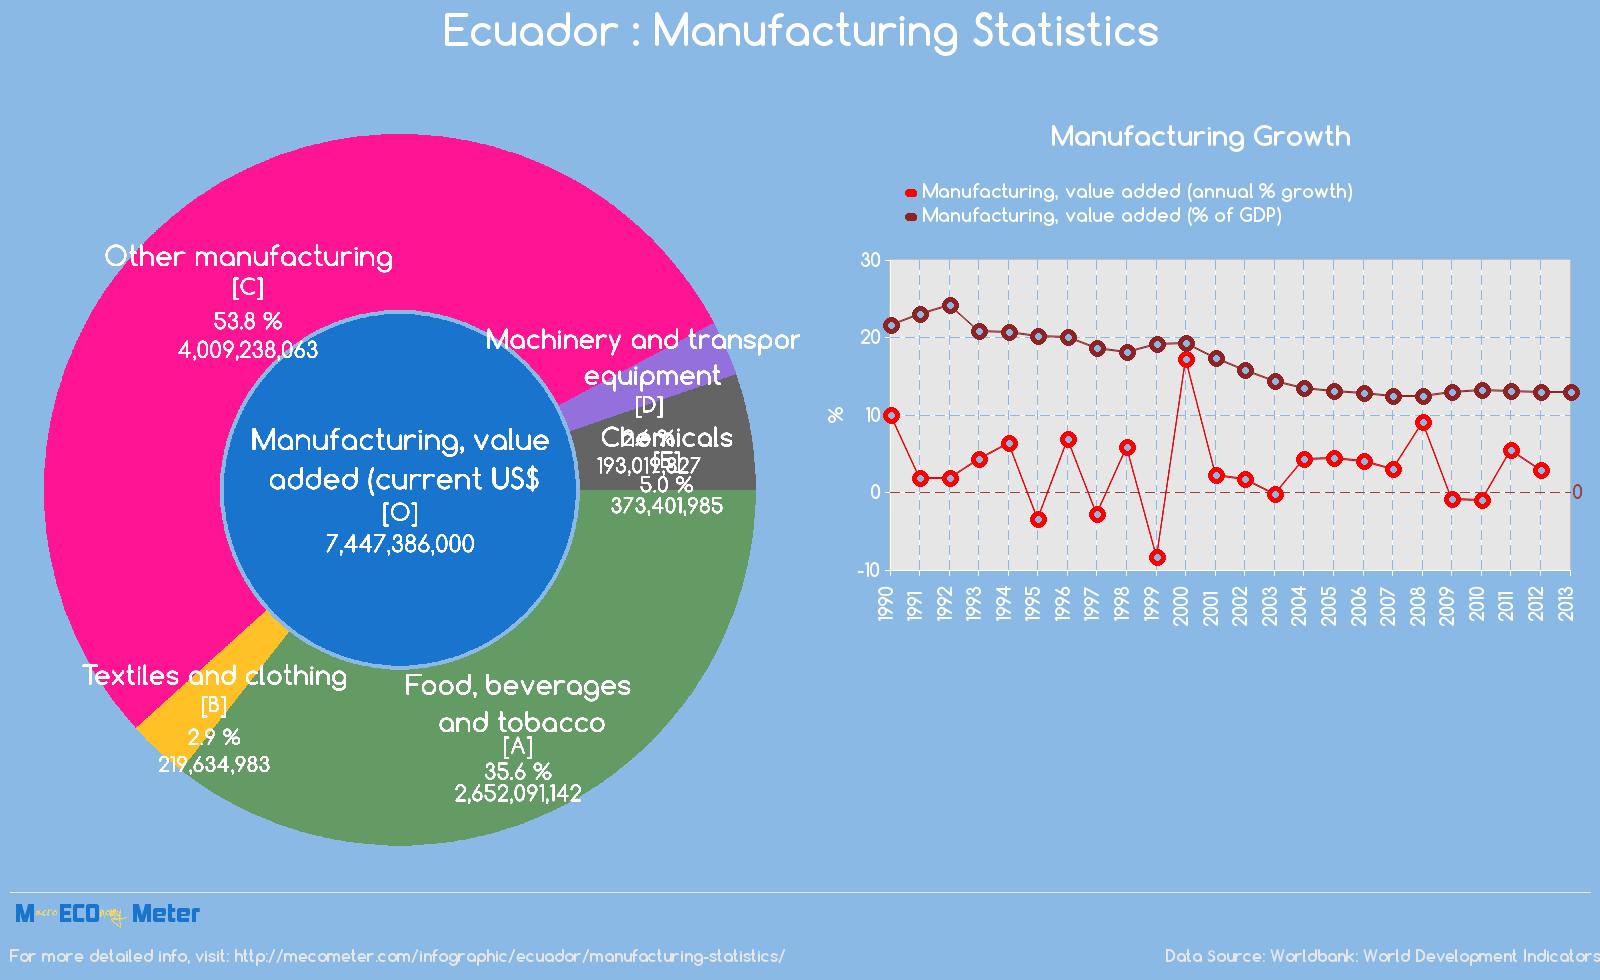 Ecuador : Manufacturing Statistics